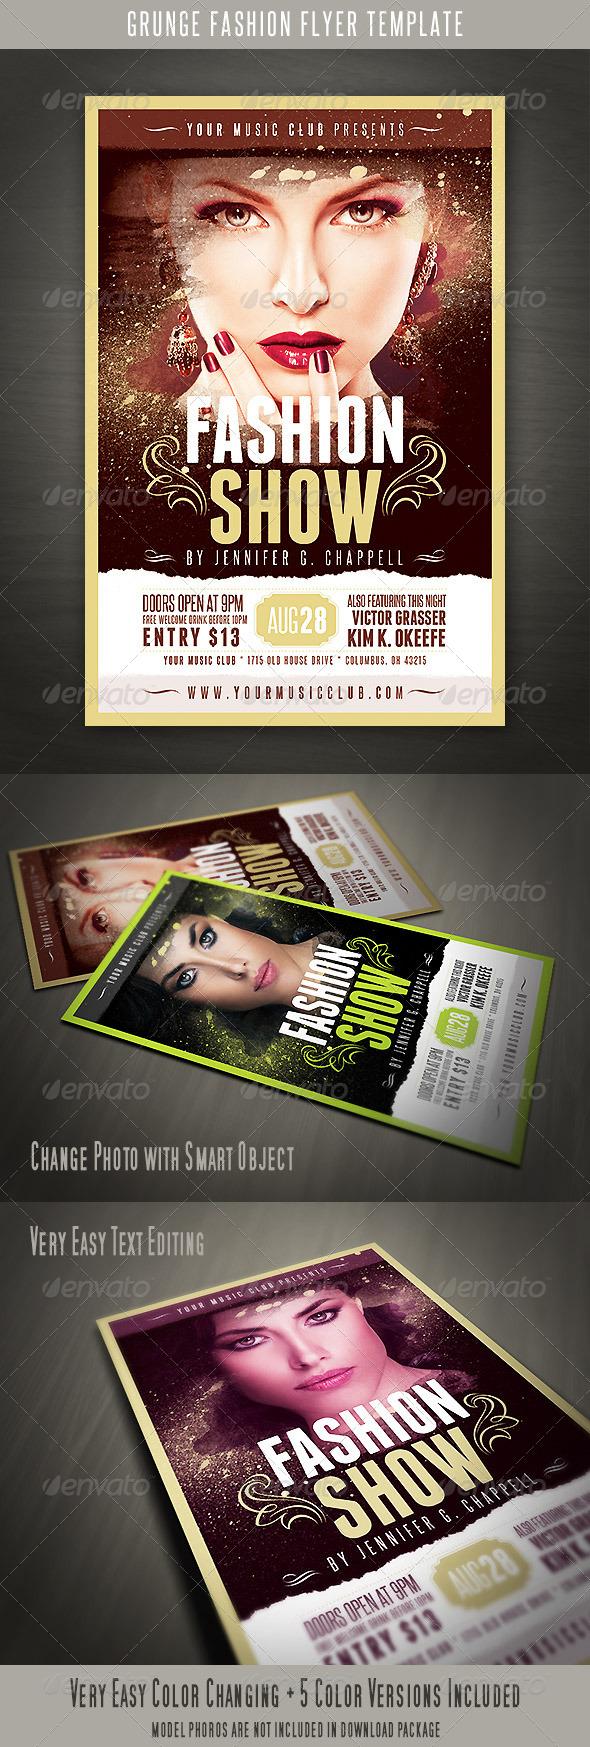 GraphicRiver Grunge Fashion Flyer 5252548